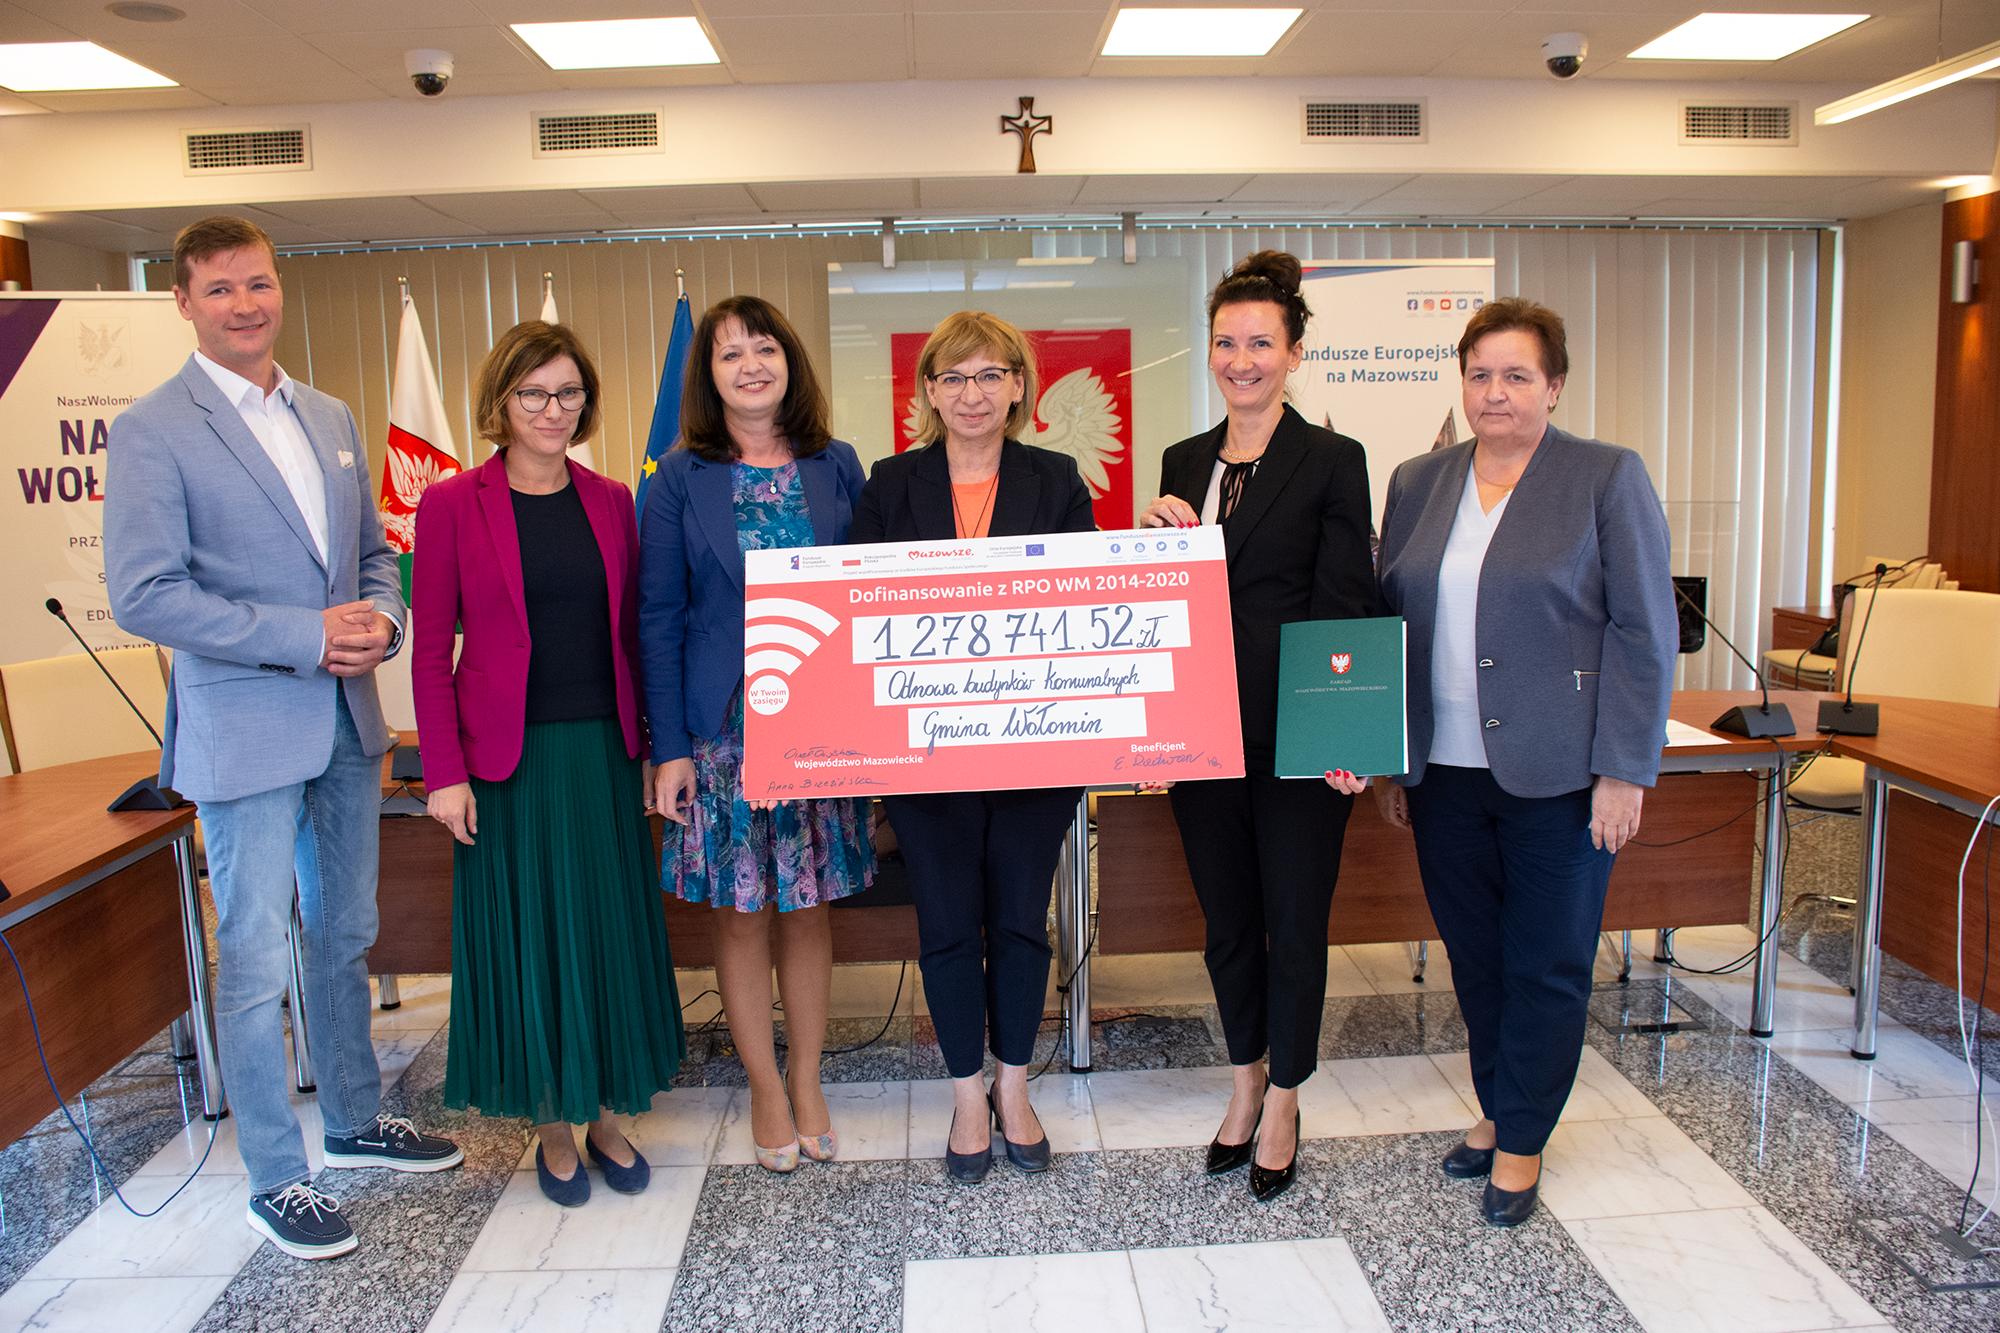 Członek Zarządu województwa Mazowieckiego Janina Ewa Orzełowska i beneficjenci z pamiątkowym czekiem